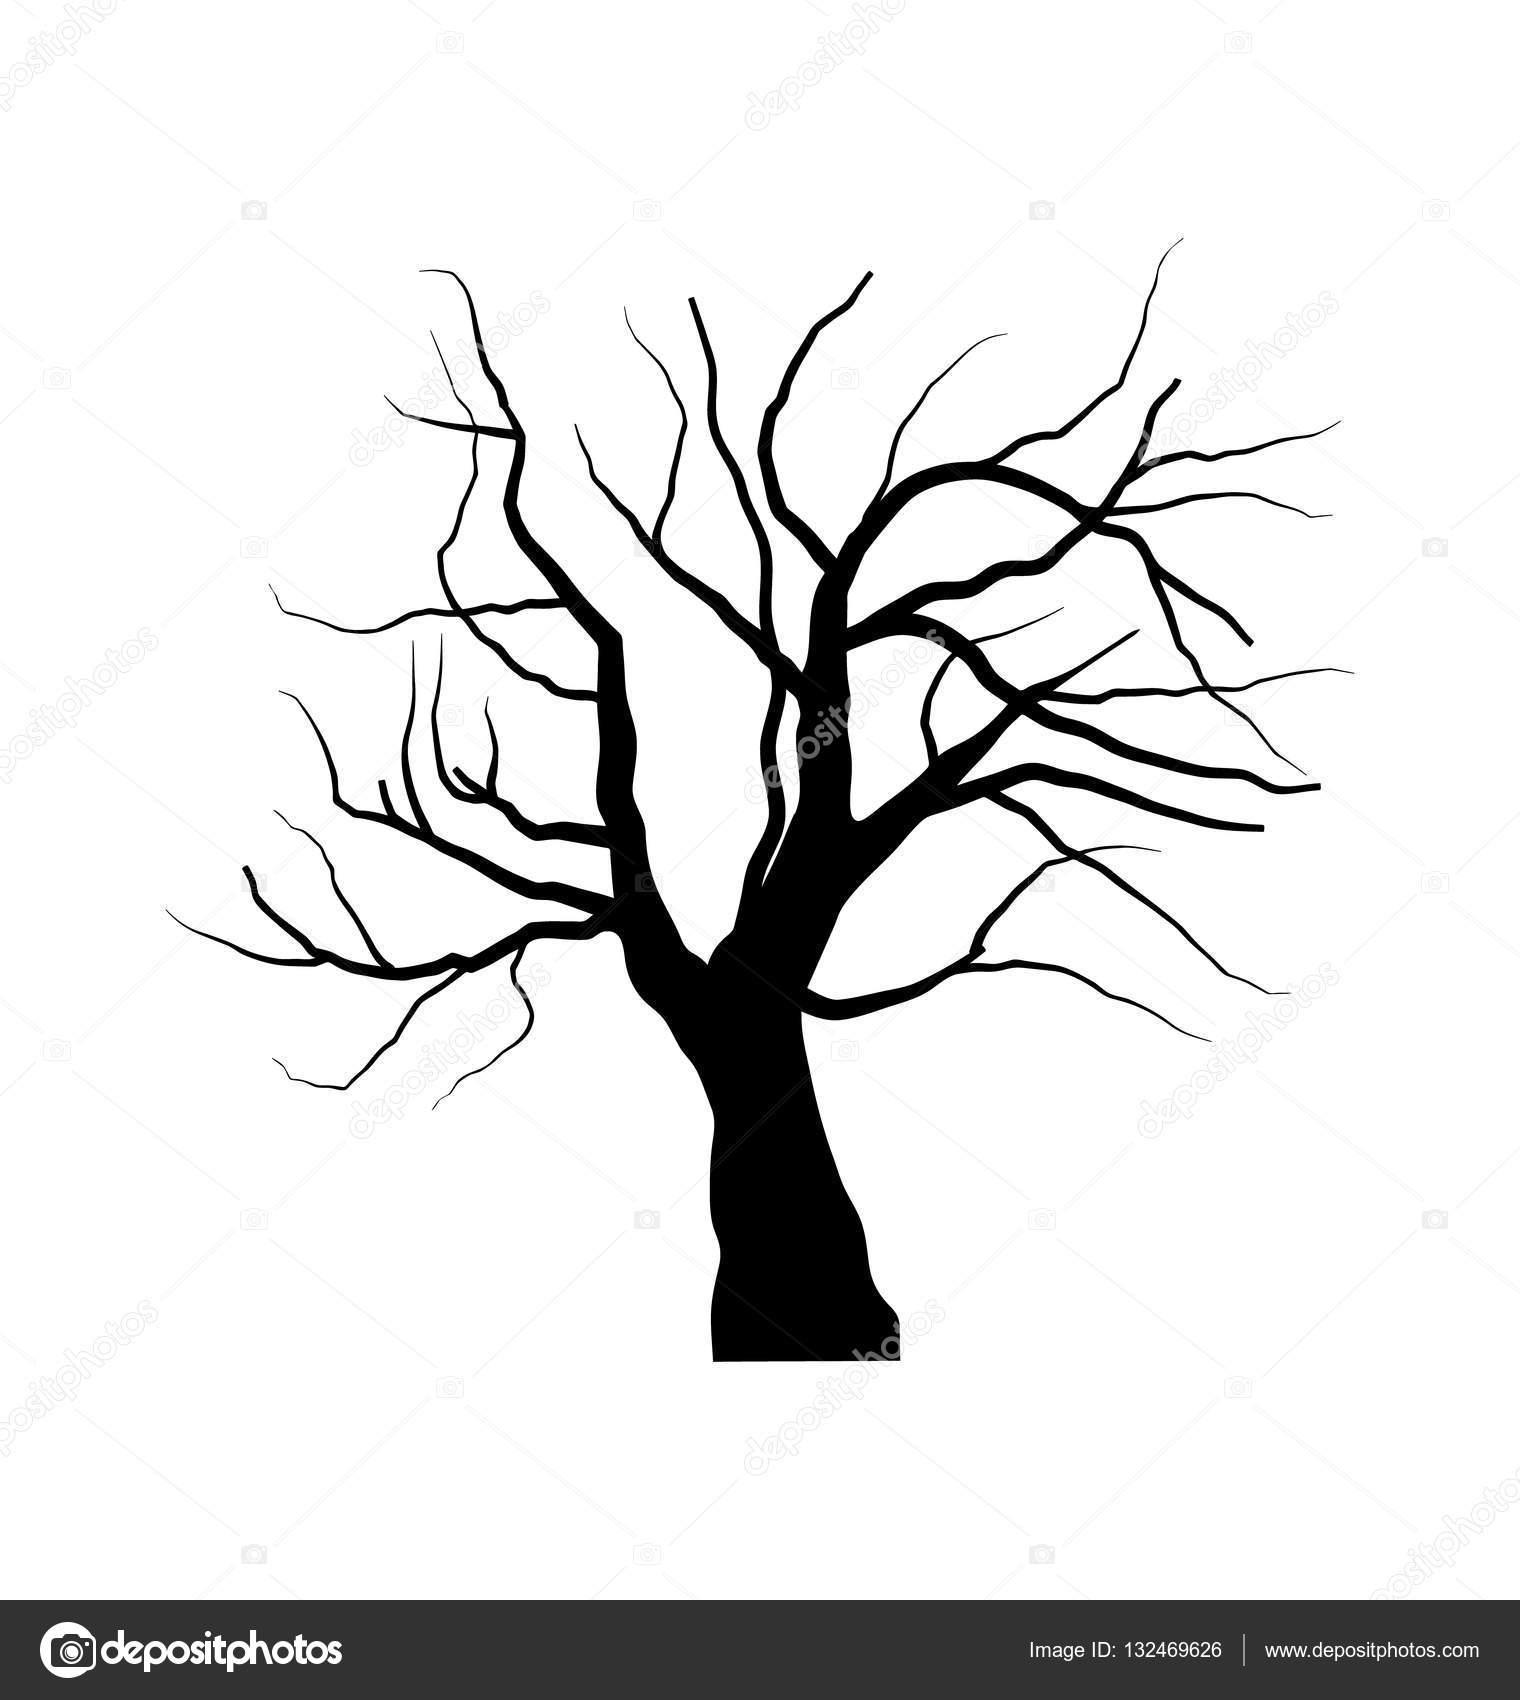 Dibujo De árbol Seco Sin Hojas Aislado Sobre Fondo Blanco Fotos